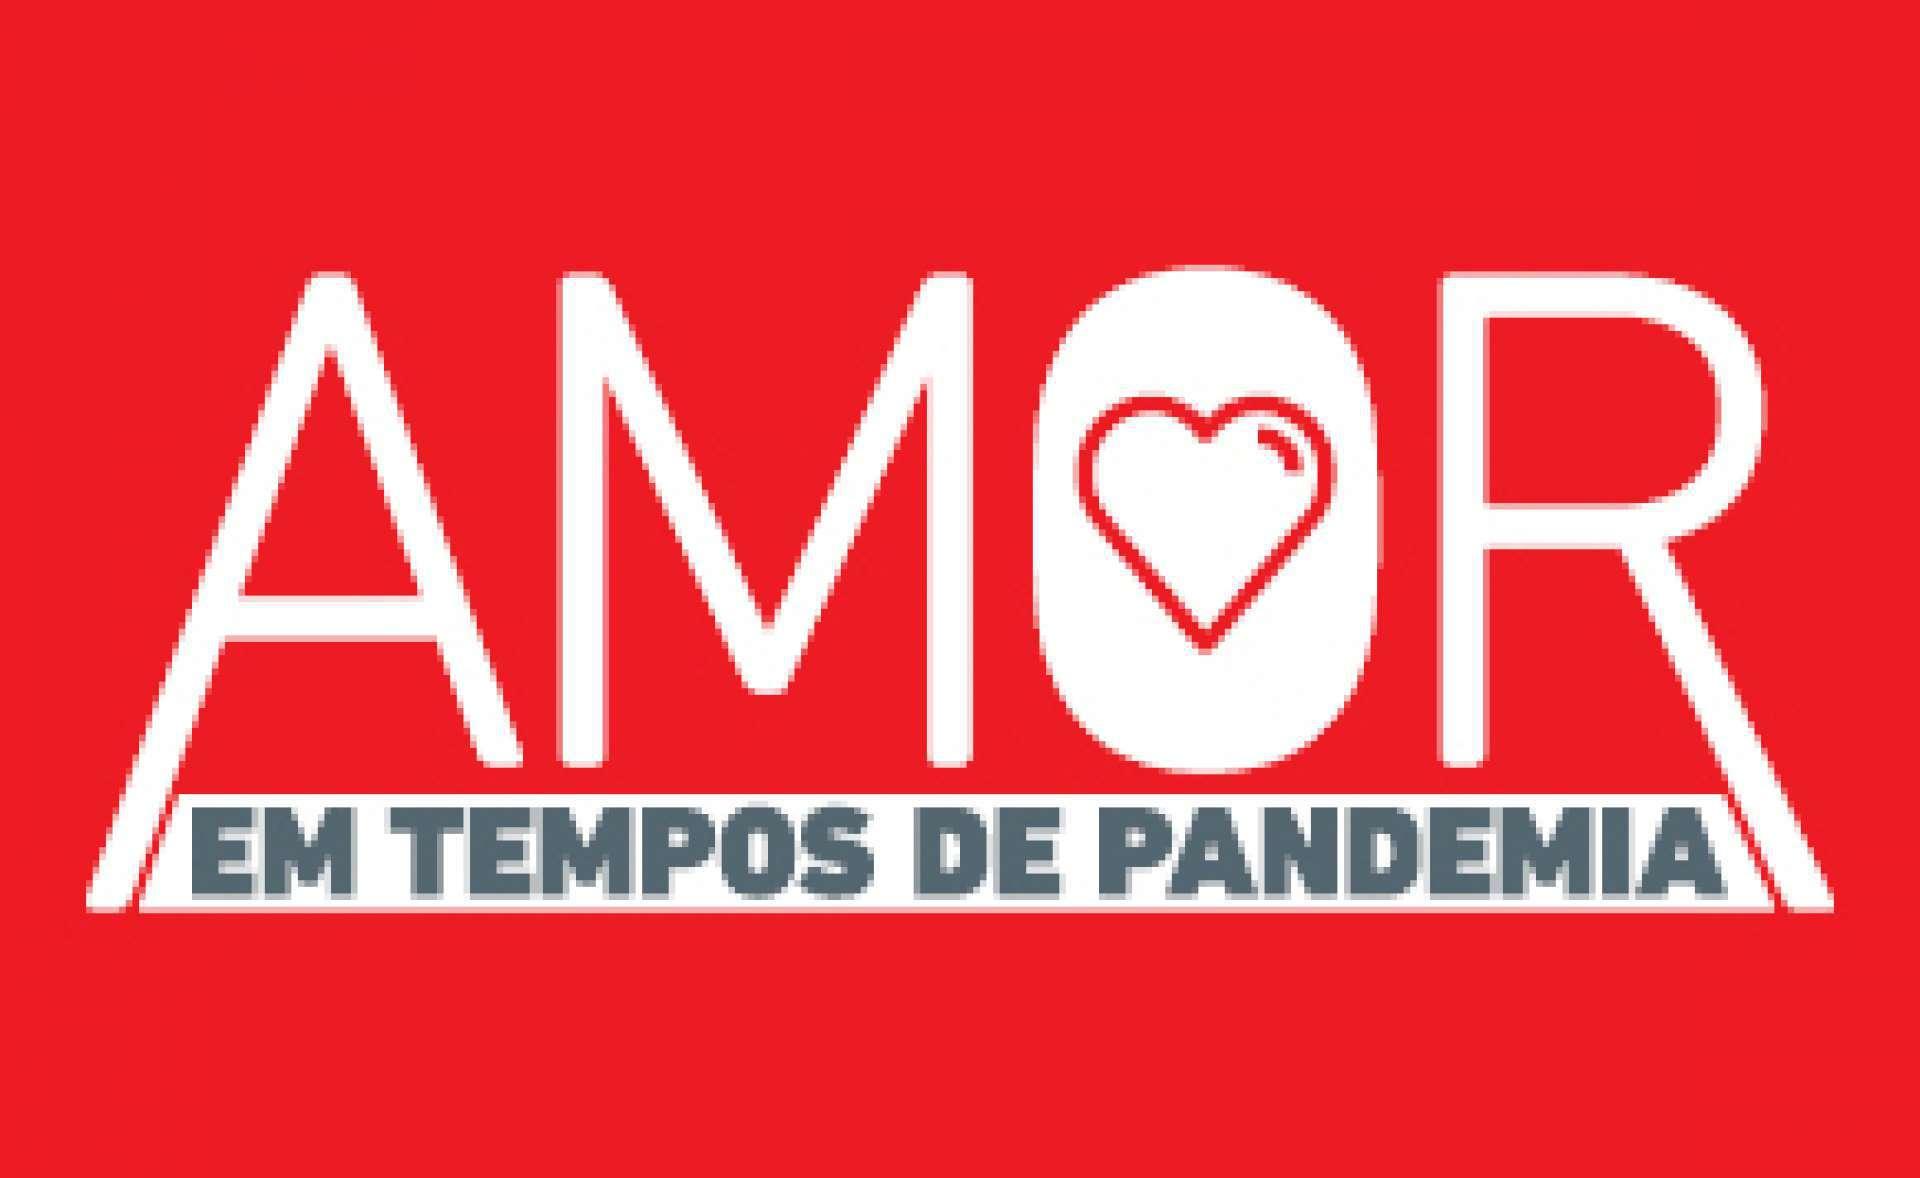 Amor em Tempos de Pandemia